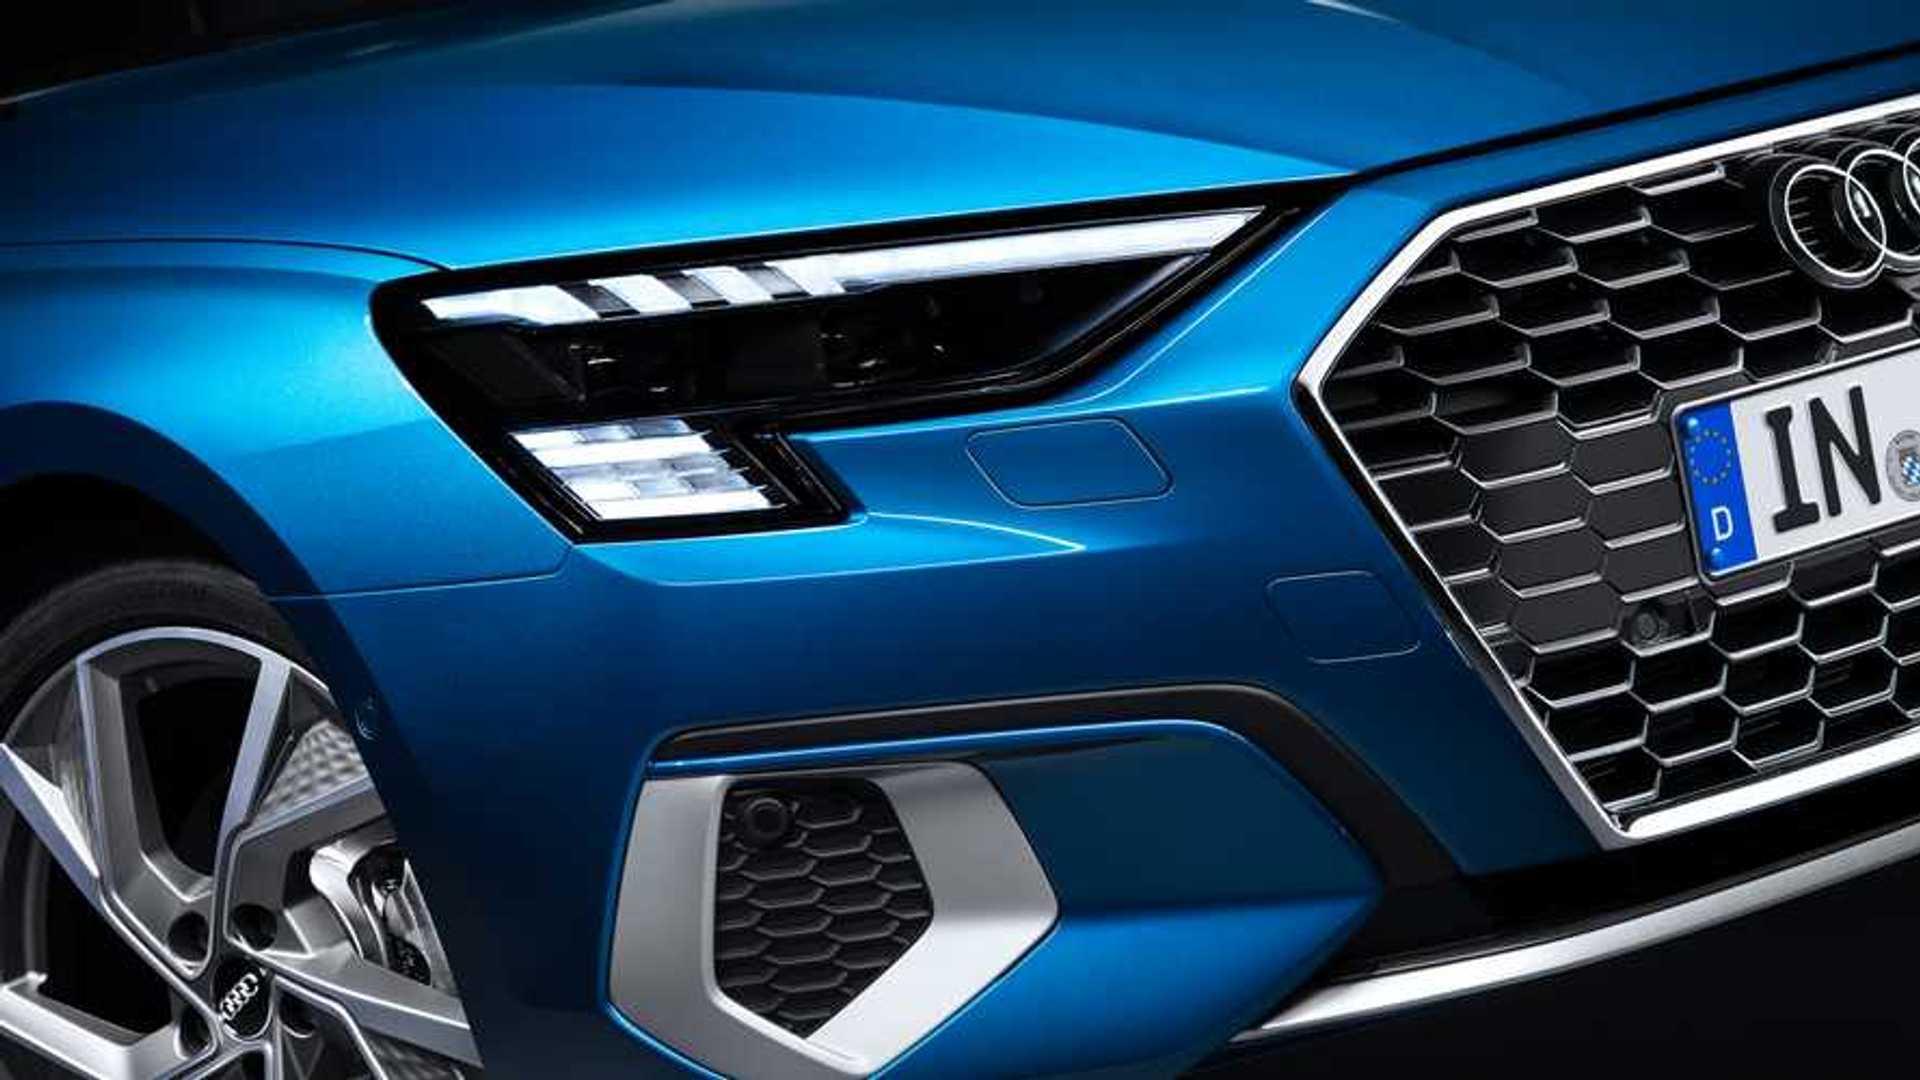 2020 Audi RS3'ün farlarında çok ince bir detay olacak